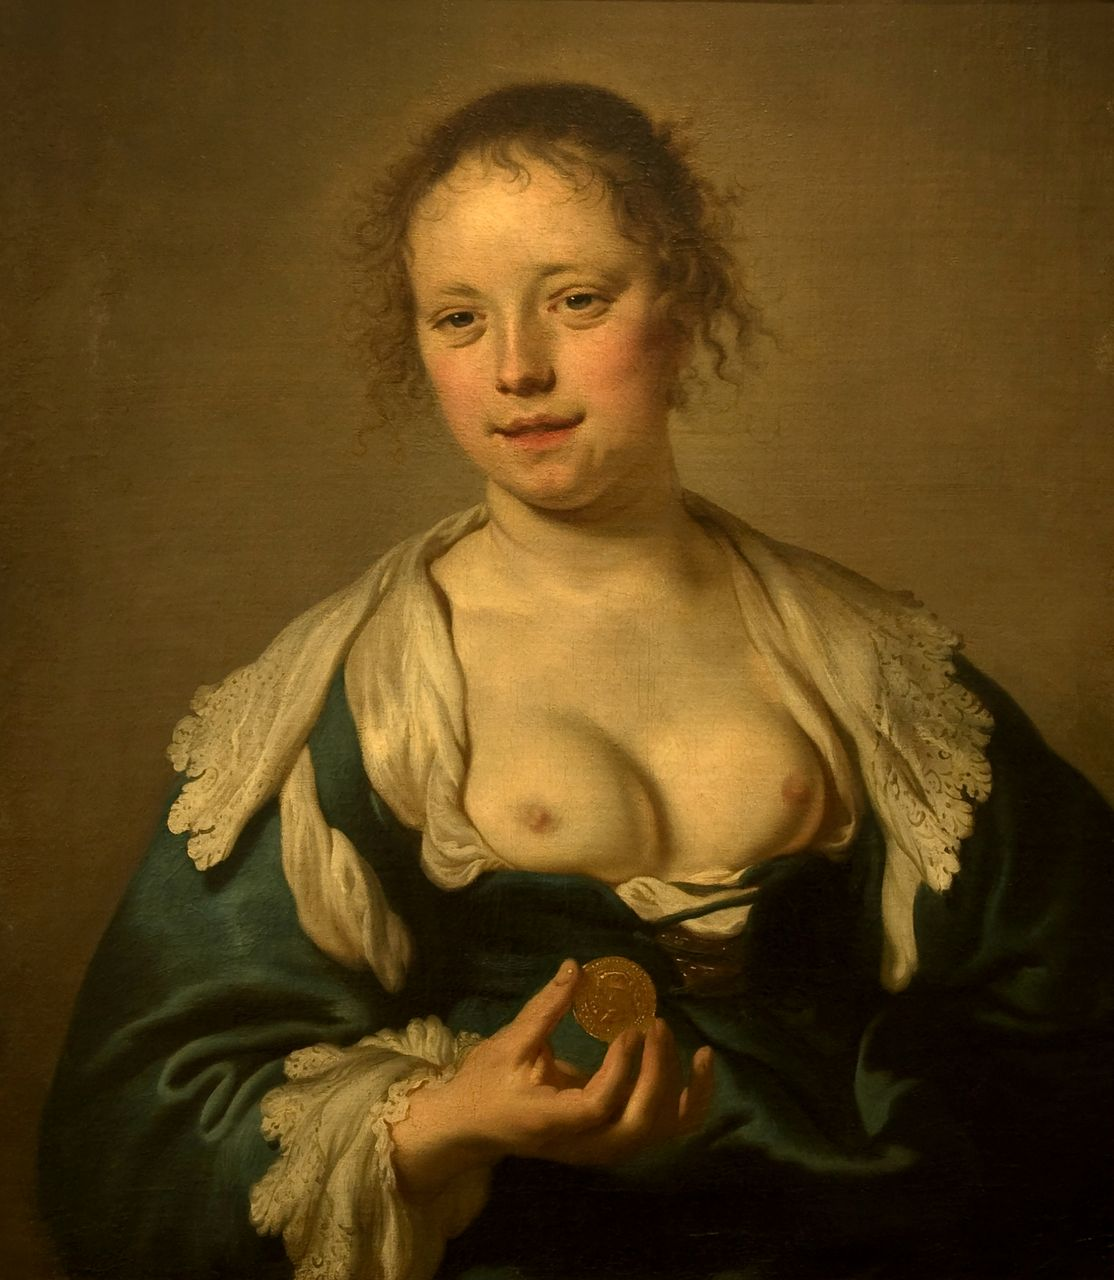 Half-Naked Woman with a Coin, Jacob Backer, about 1636, Museu Nacional de Arte Antiga, Lisbon